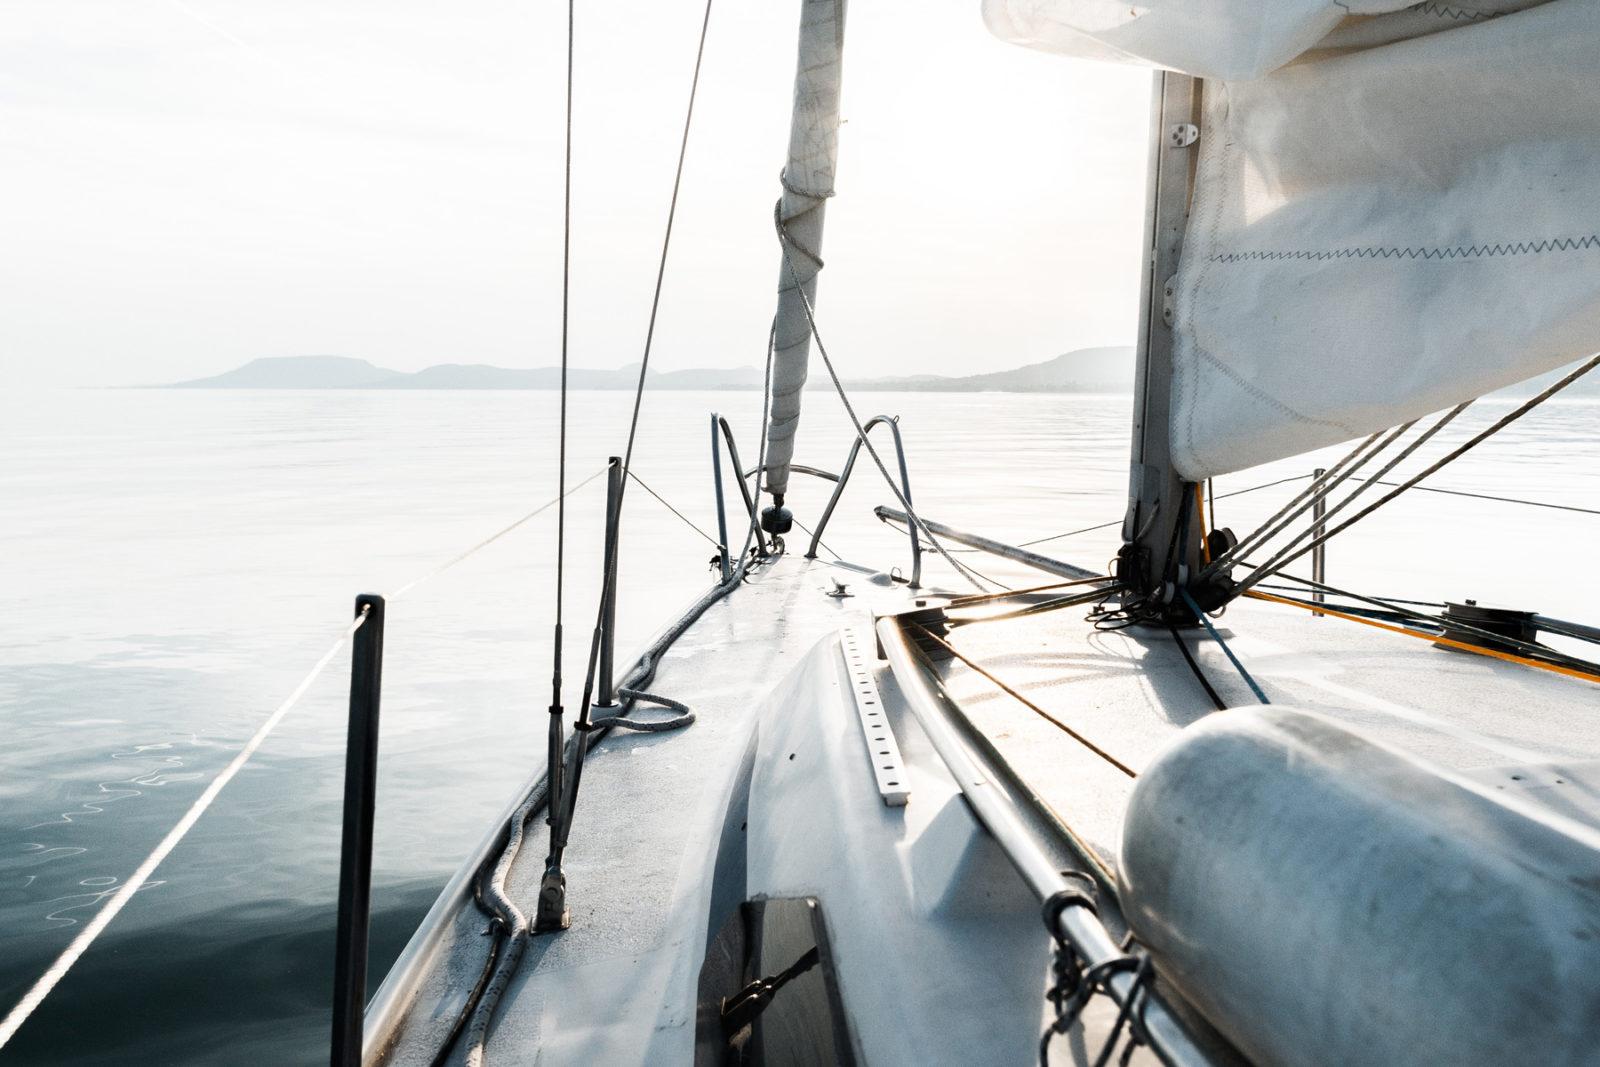 Forsikring af båd? 4 grunde til at forsikre speedbåd